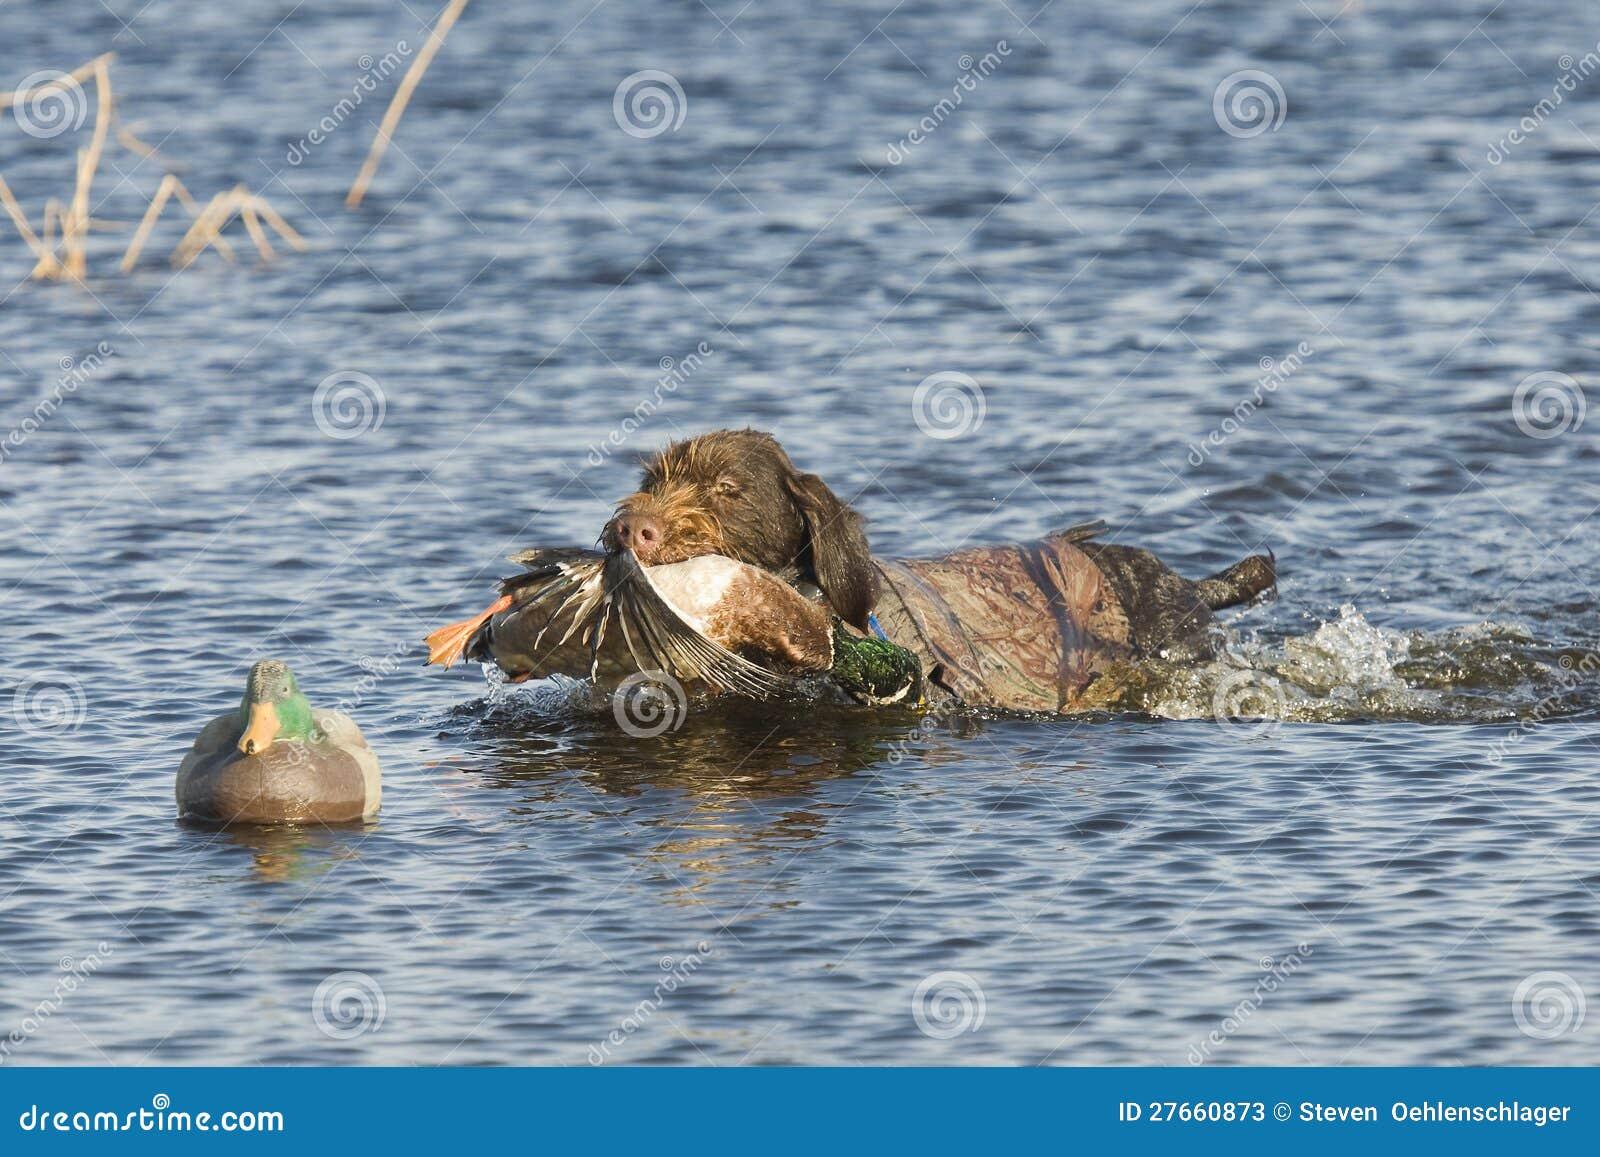 猎犬在水中